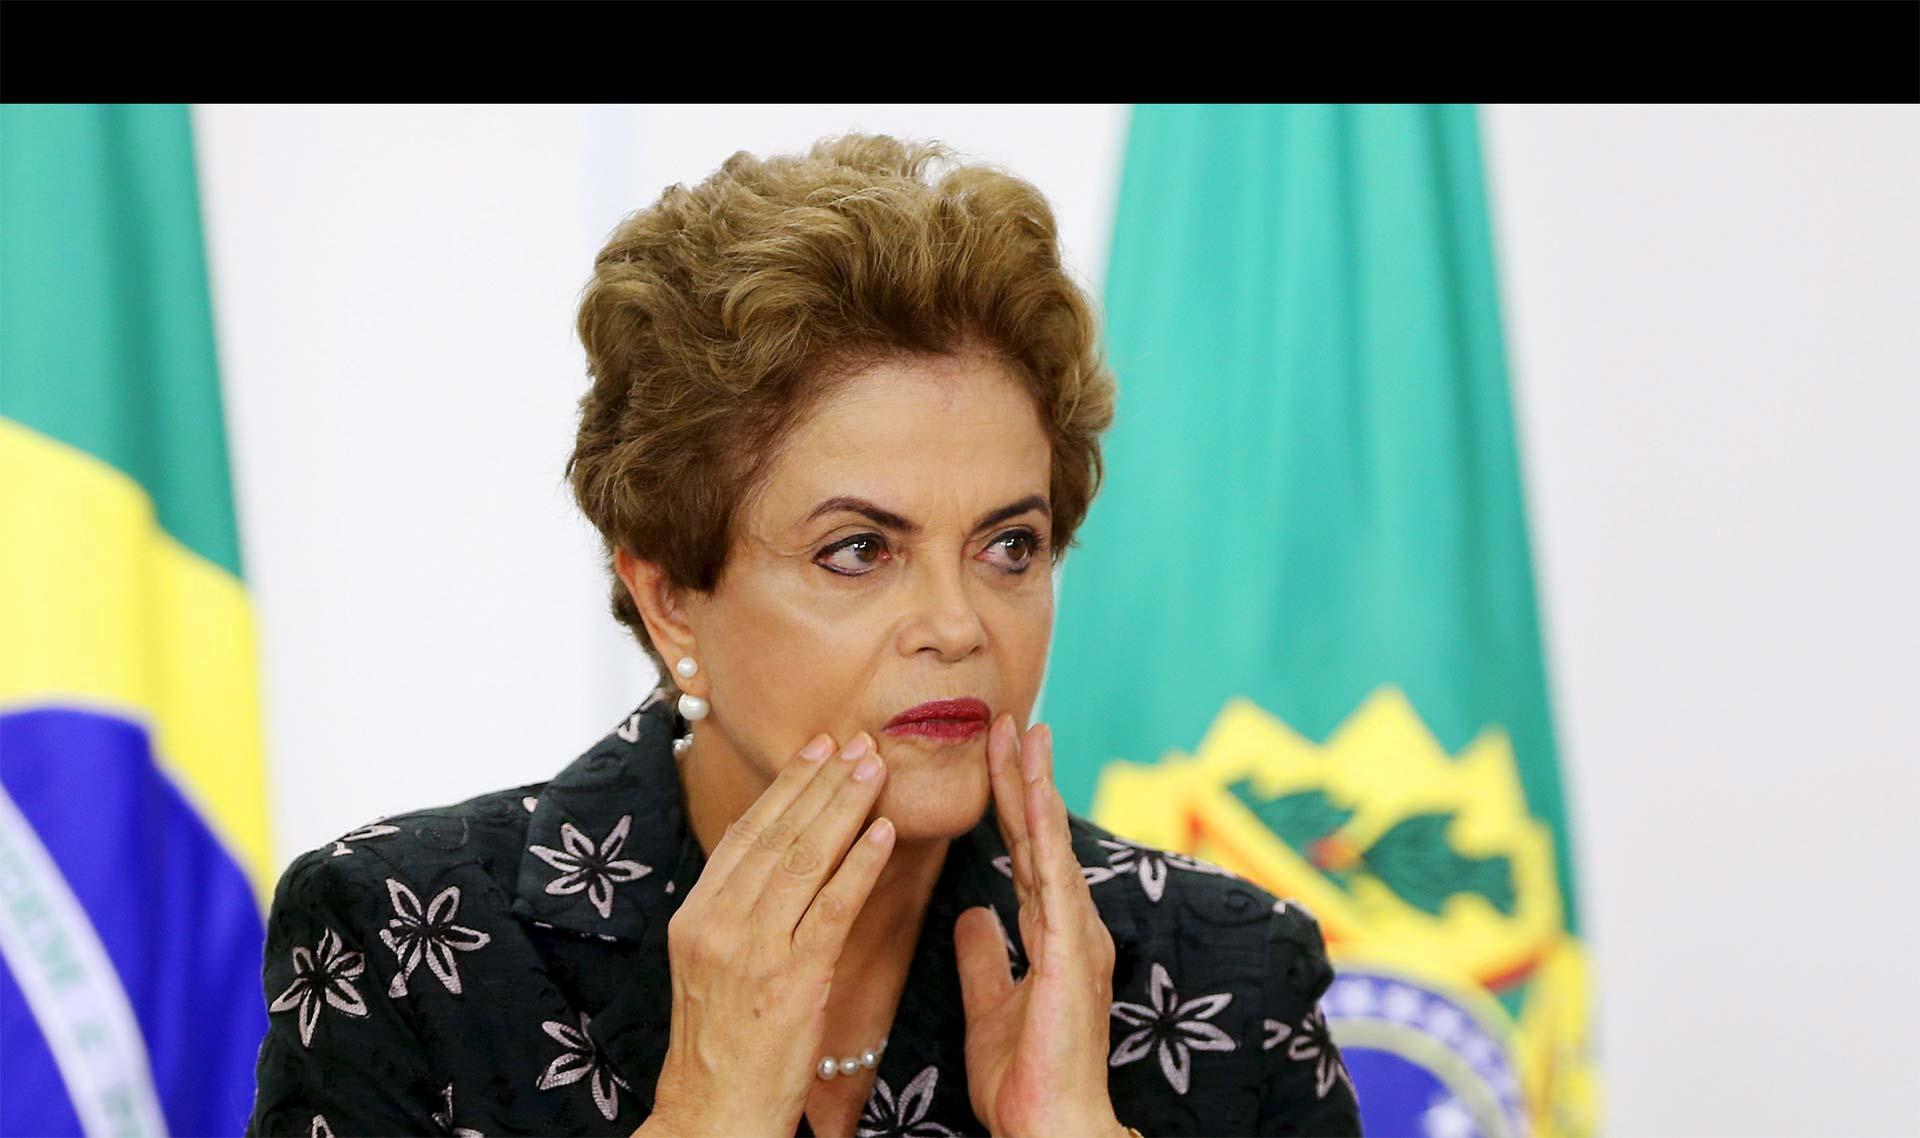 Así lo anunció en la Celac la presidenta de Brasil, Dilma Rousseff. La idea es erradicar el virus del continente